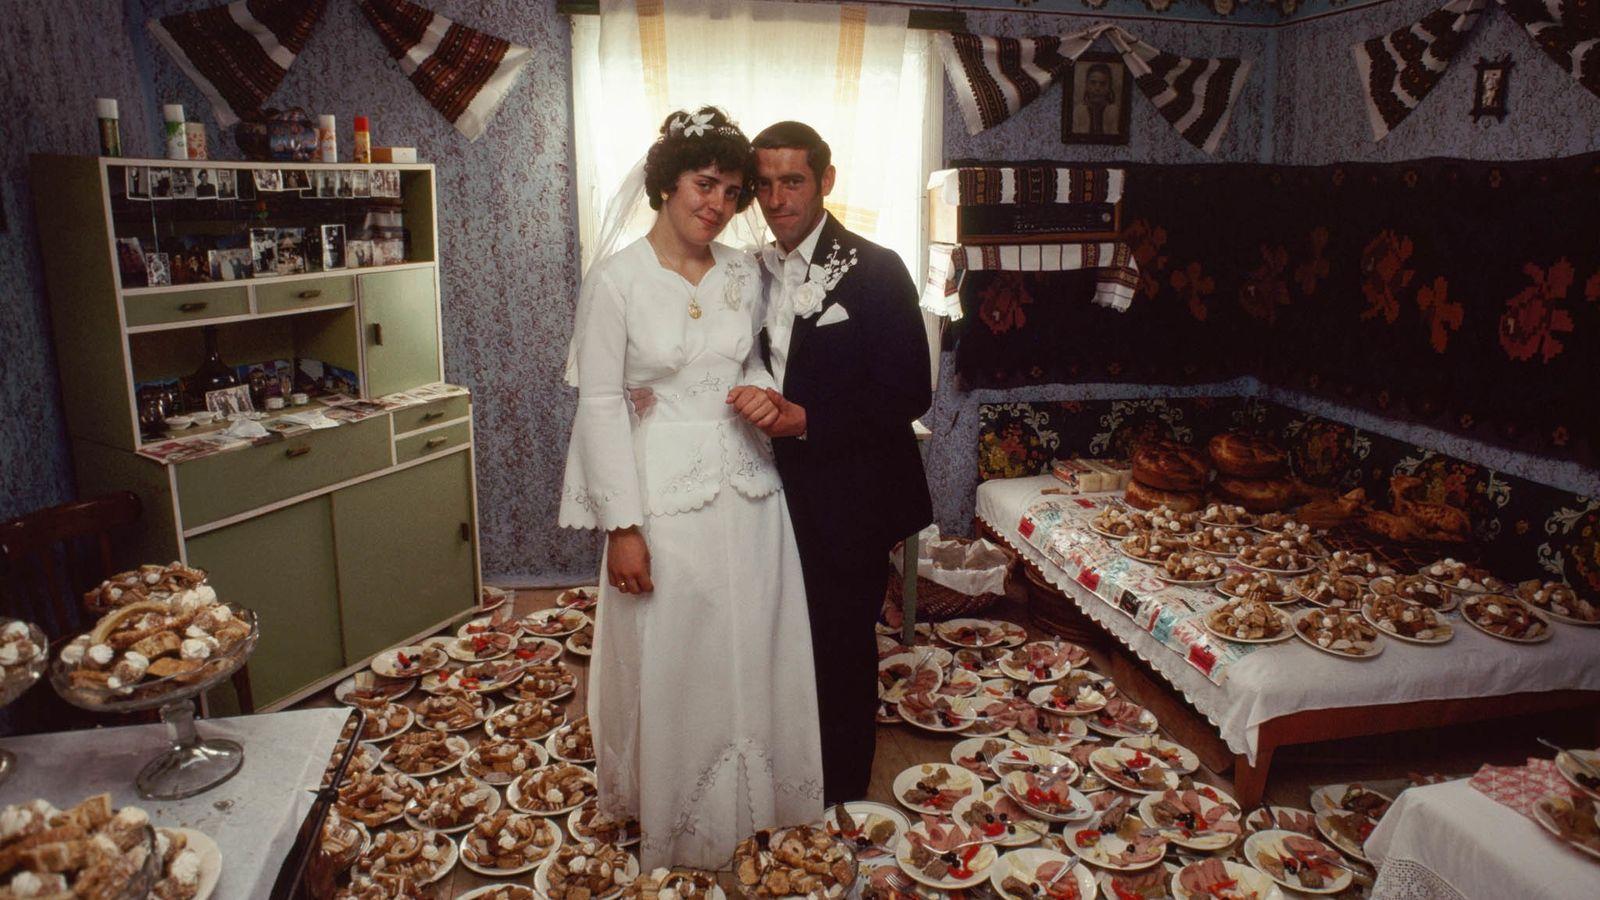 Hochzeitsschmaus